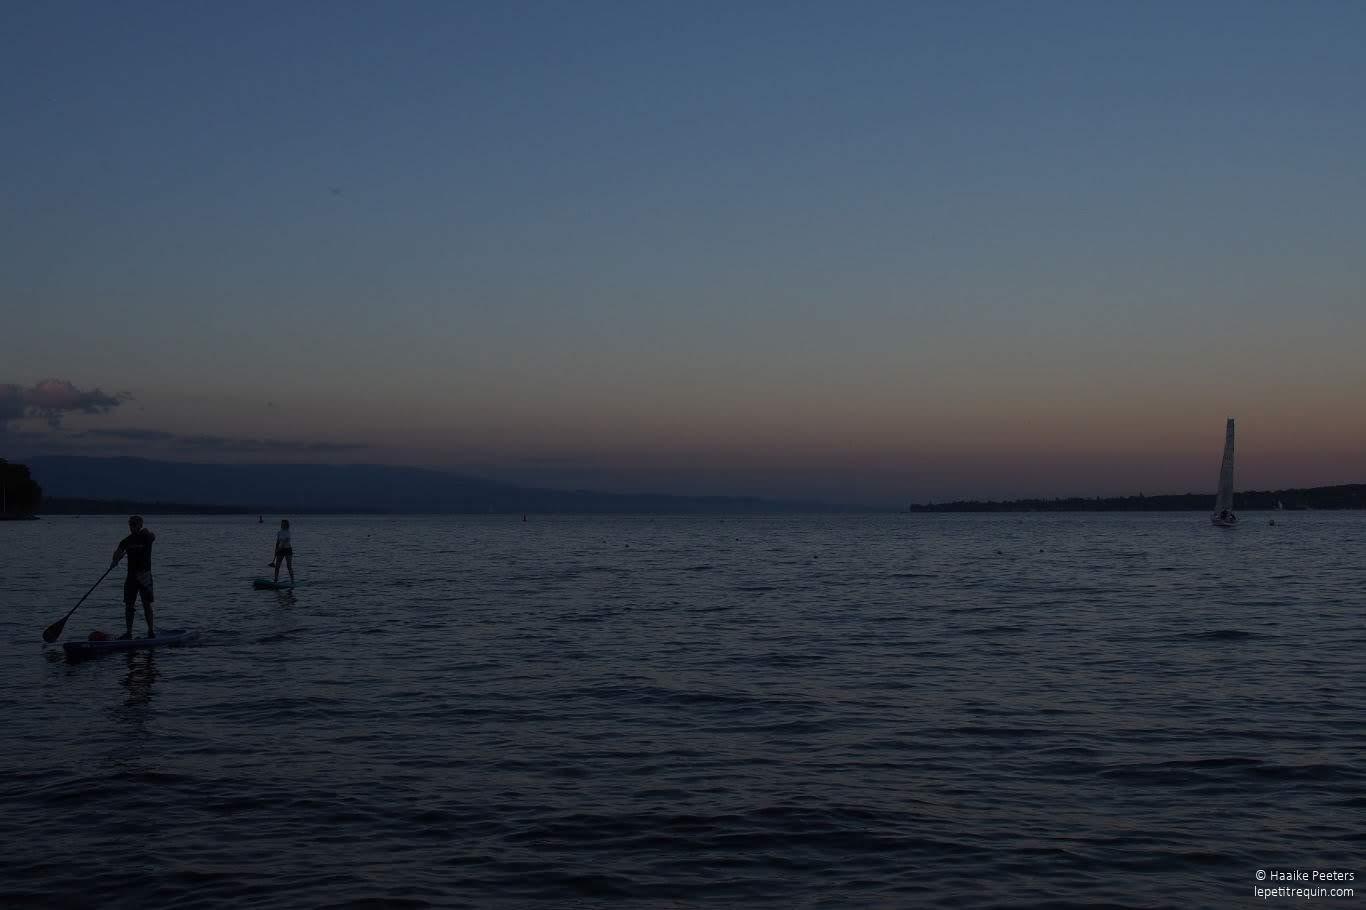 Meer van Genève (Le petit requin)